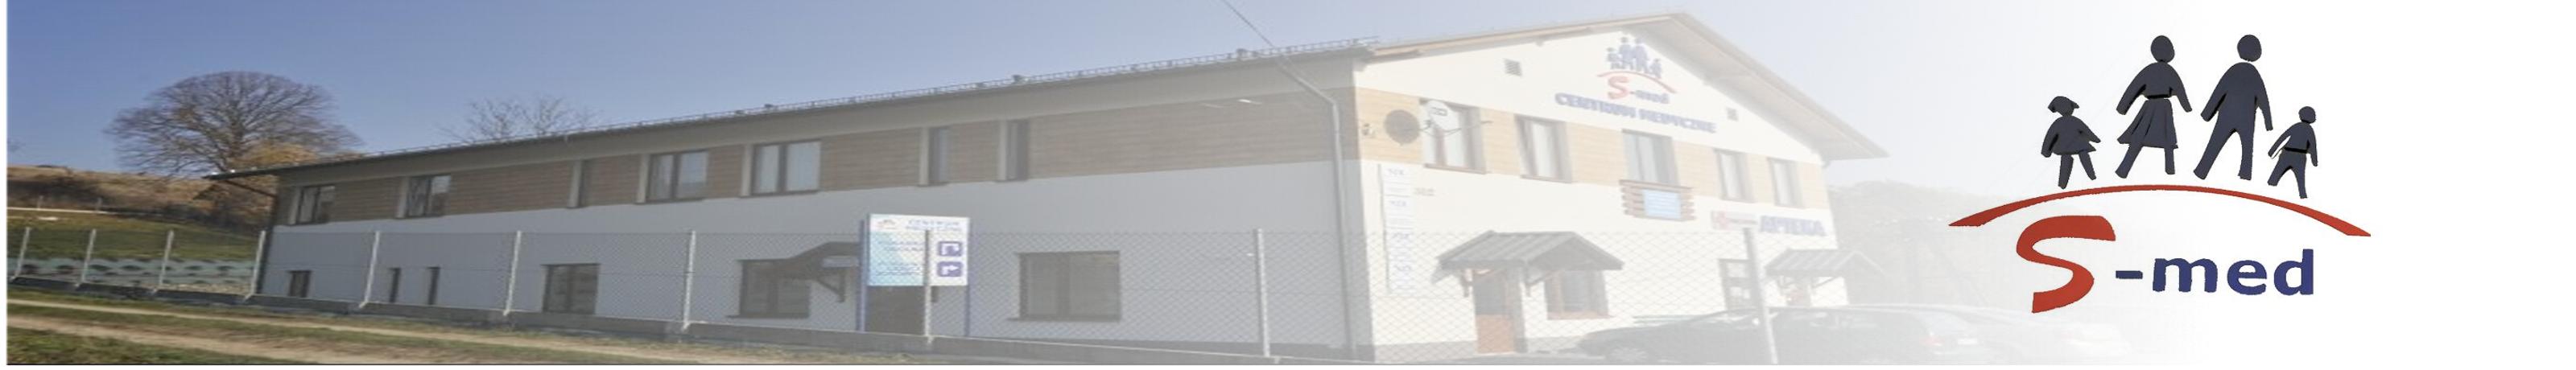 Centrum Medyczne S-Med, Ośrodek zdrowia w Dydni